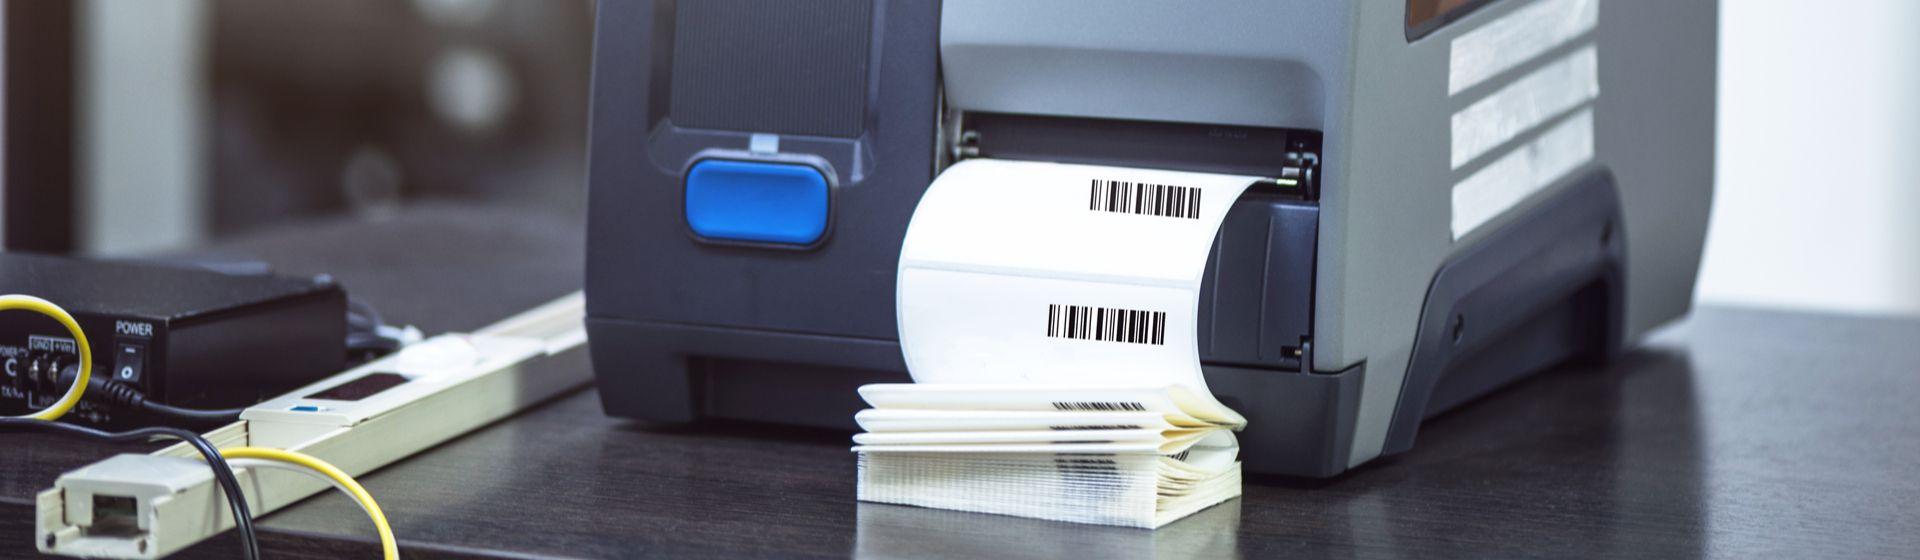 Melhor impressora Zebra: 5 modelos para você usar no seu negócio